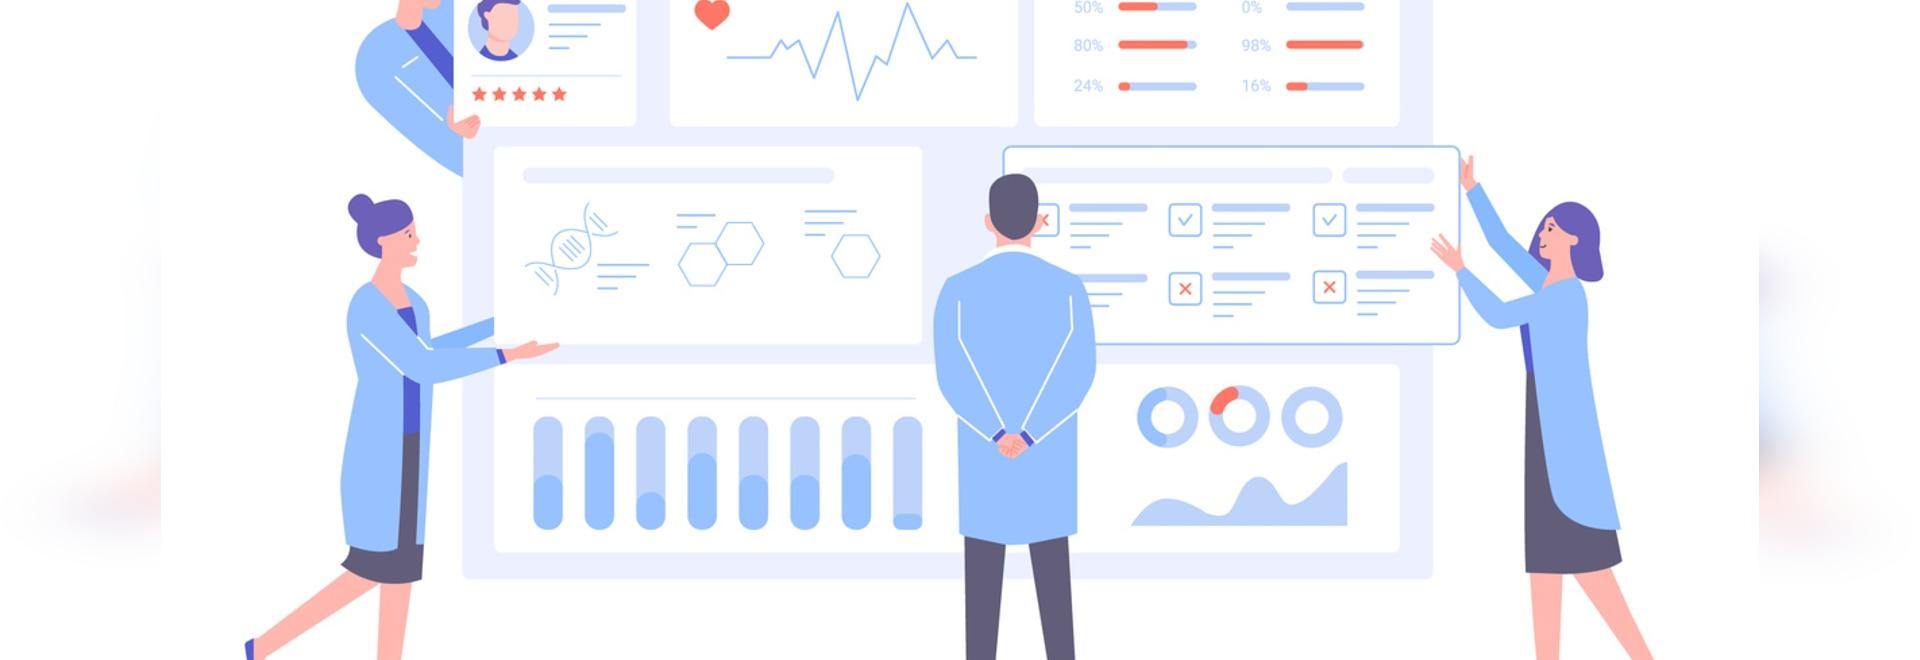 Les avantages et les dangers de la collaboration numérique dans le domaine de la santé